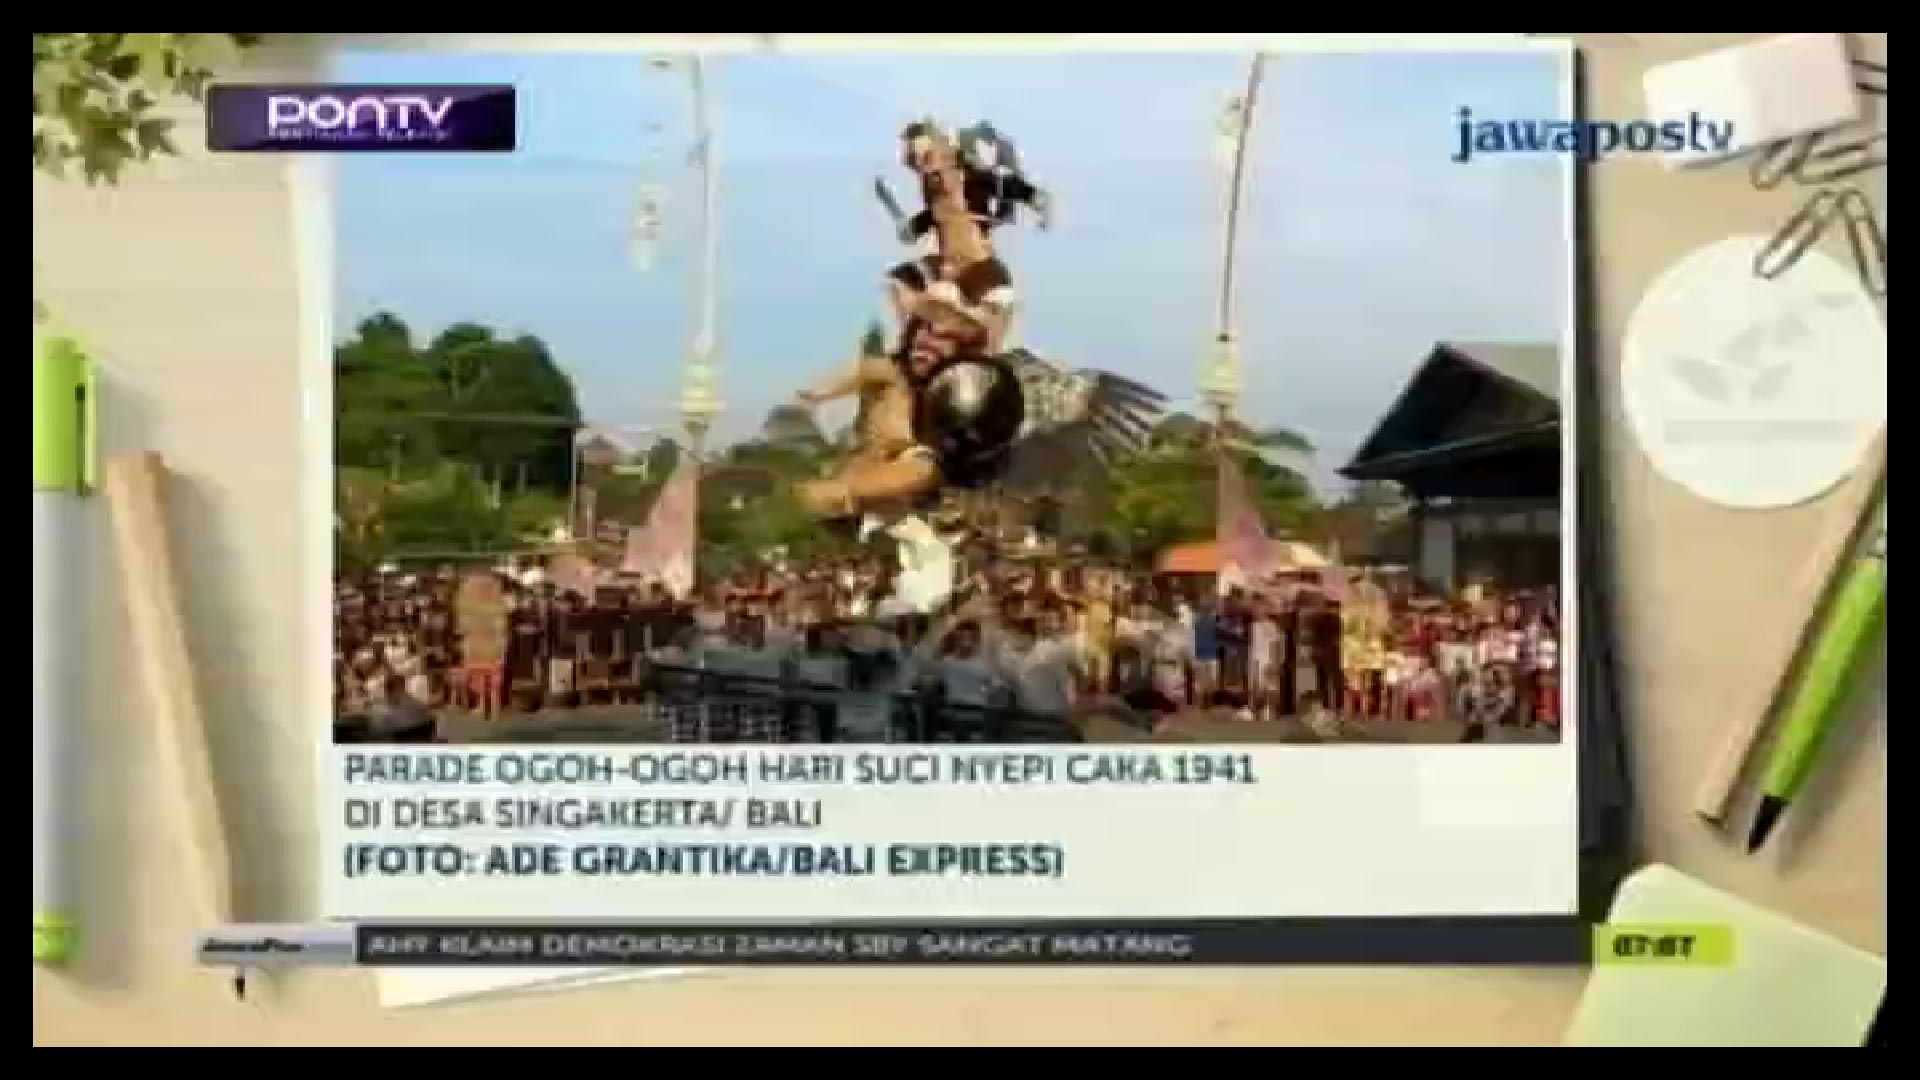 Frekuensi siaran PONTV Pontianak TV di satelit ChinaSat 11 Terbaru